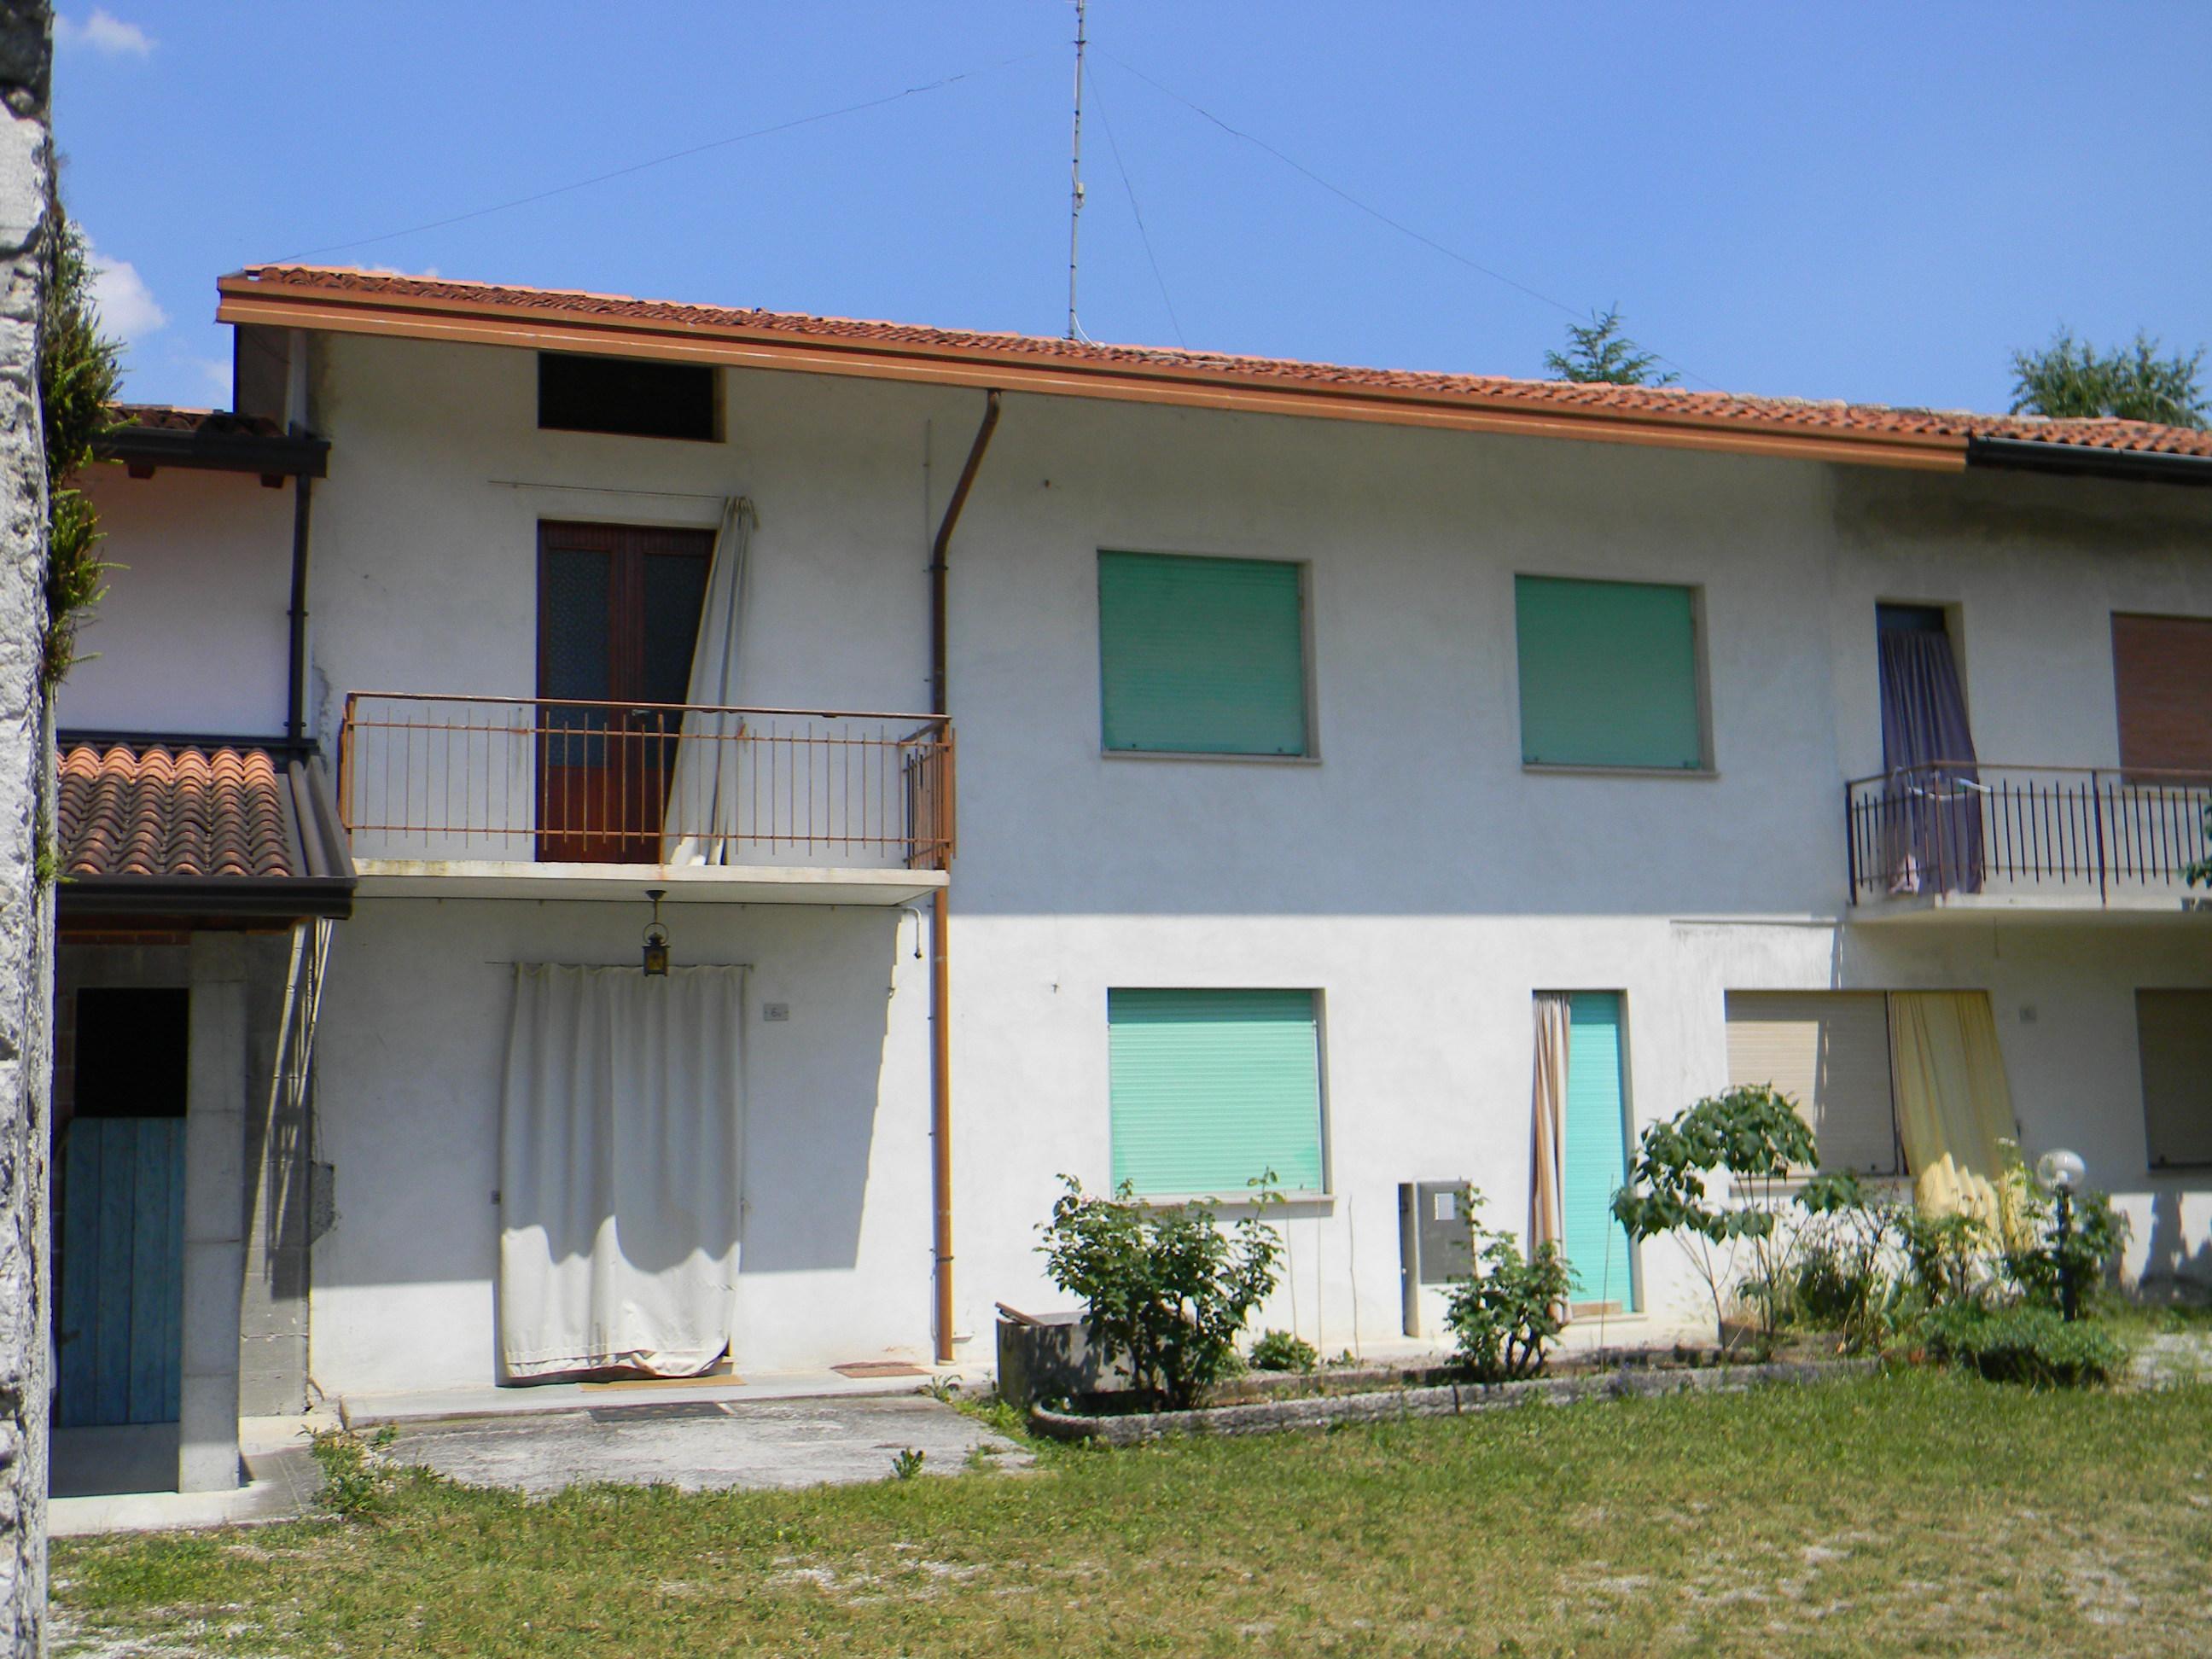 Casa contigua montereale valcellina 29 for Piani di casa 700 piedi quadrati